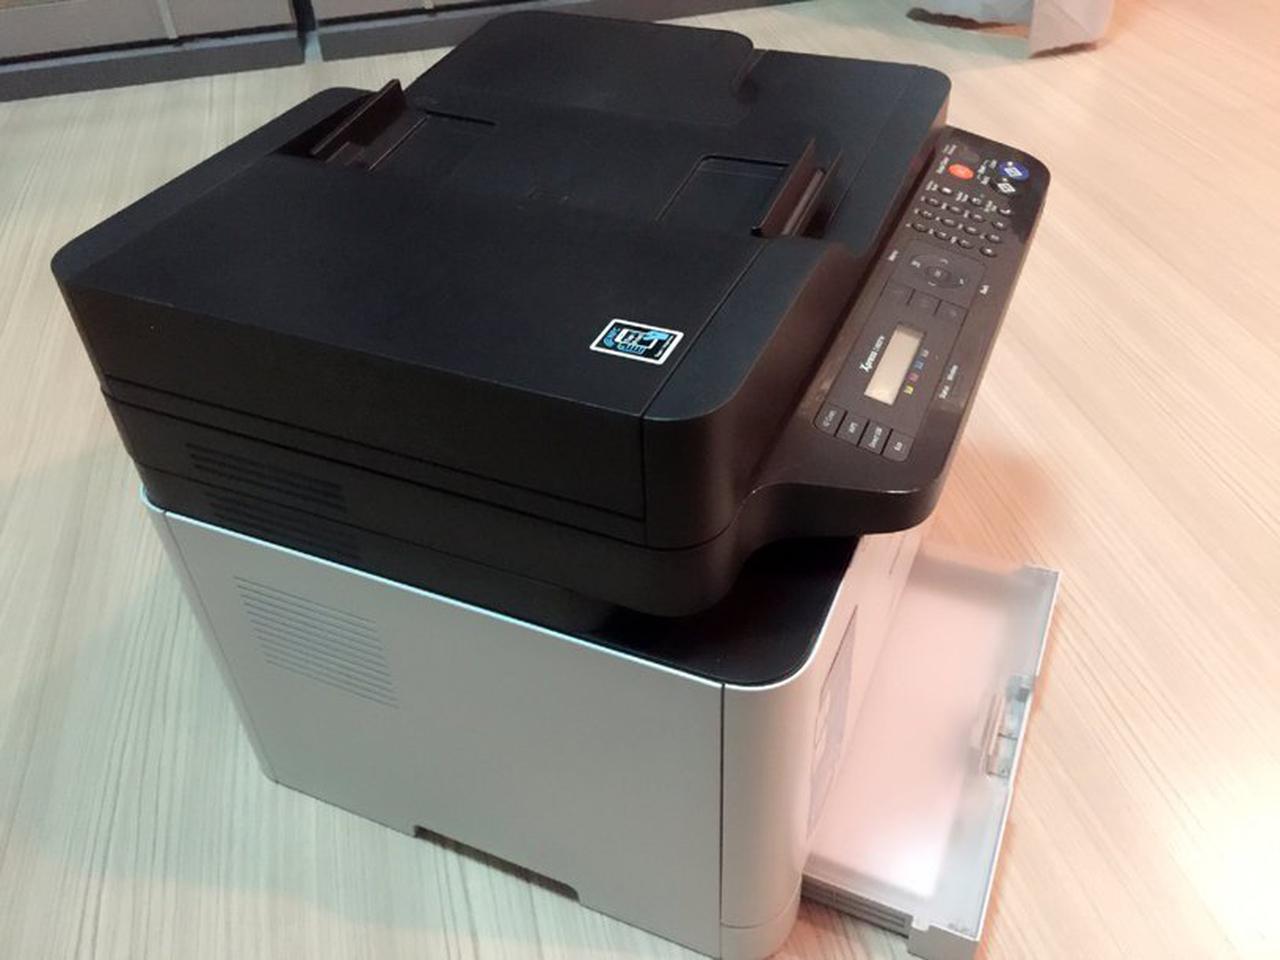 ขาย Multifunction Samsung C480FW สภาพใหม่มาก 7,900 บาท รูปที่ 2